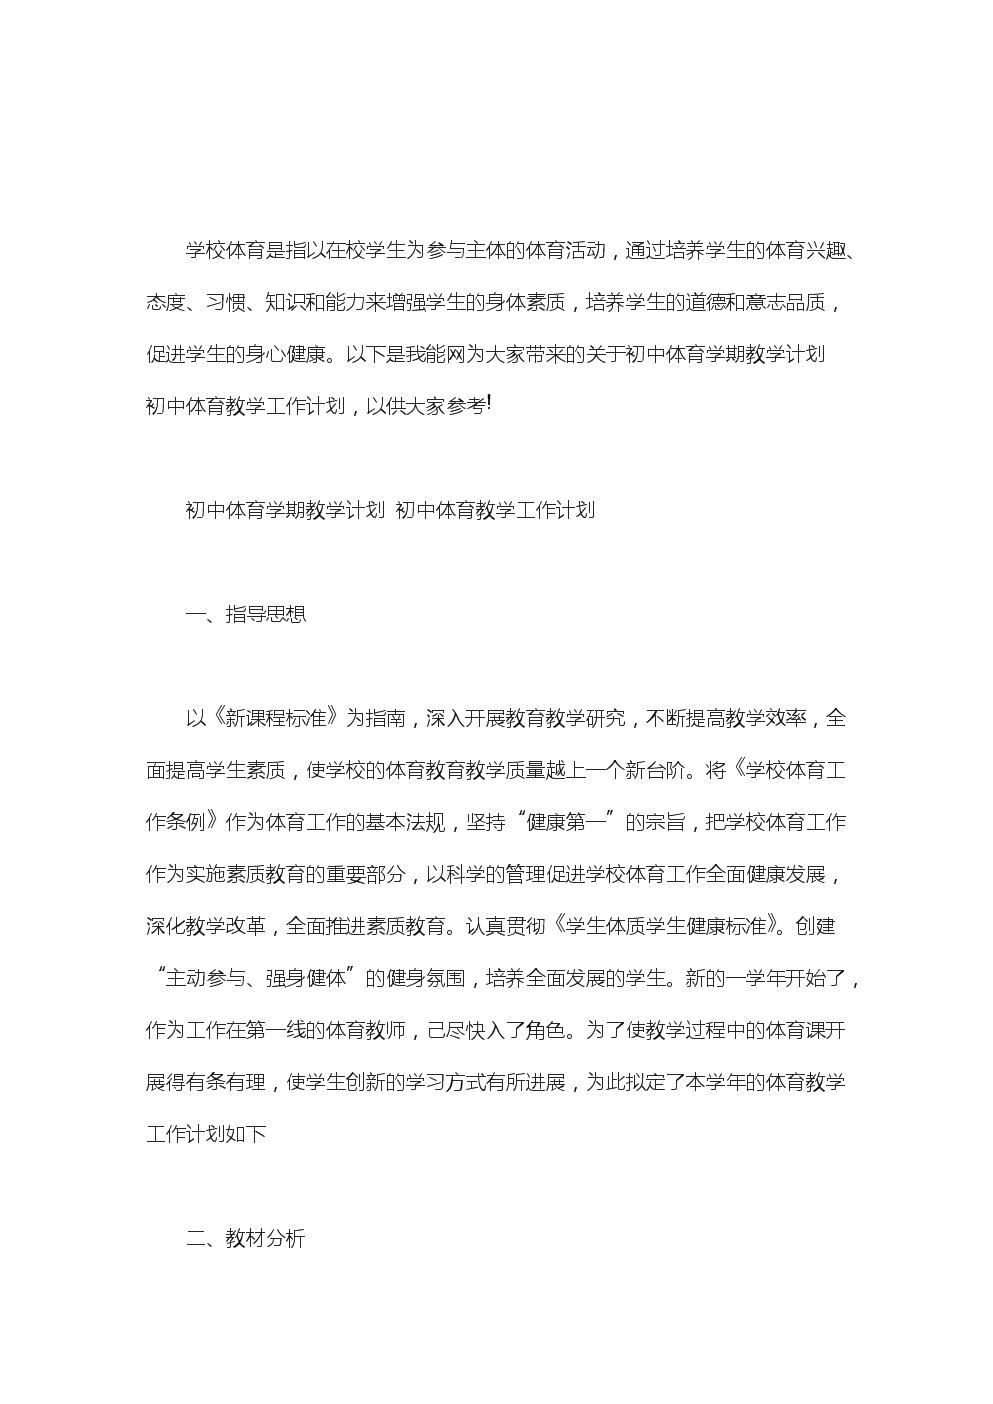 初中体育学期教学计划 初中体育教学工作计划.doc